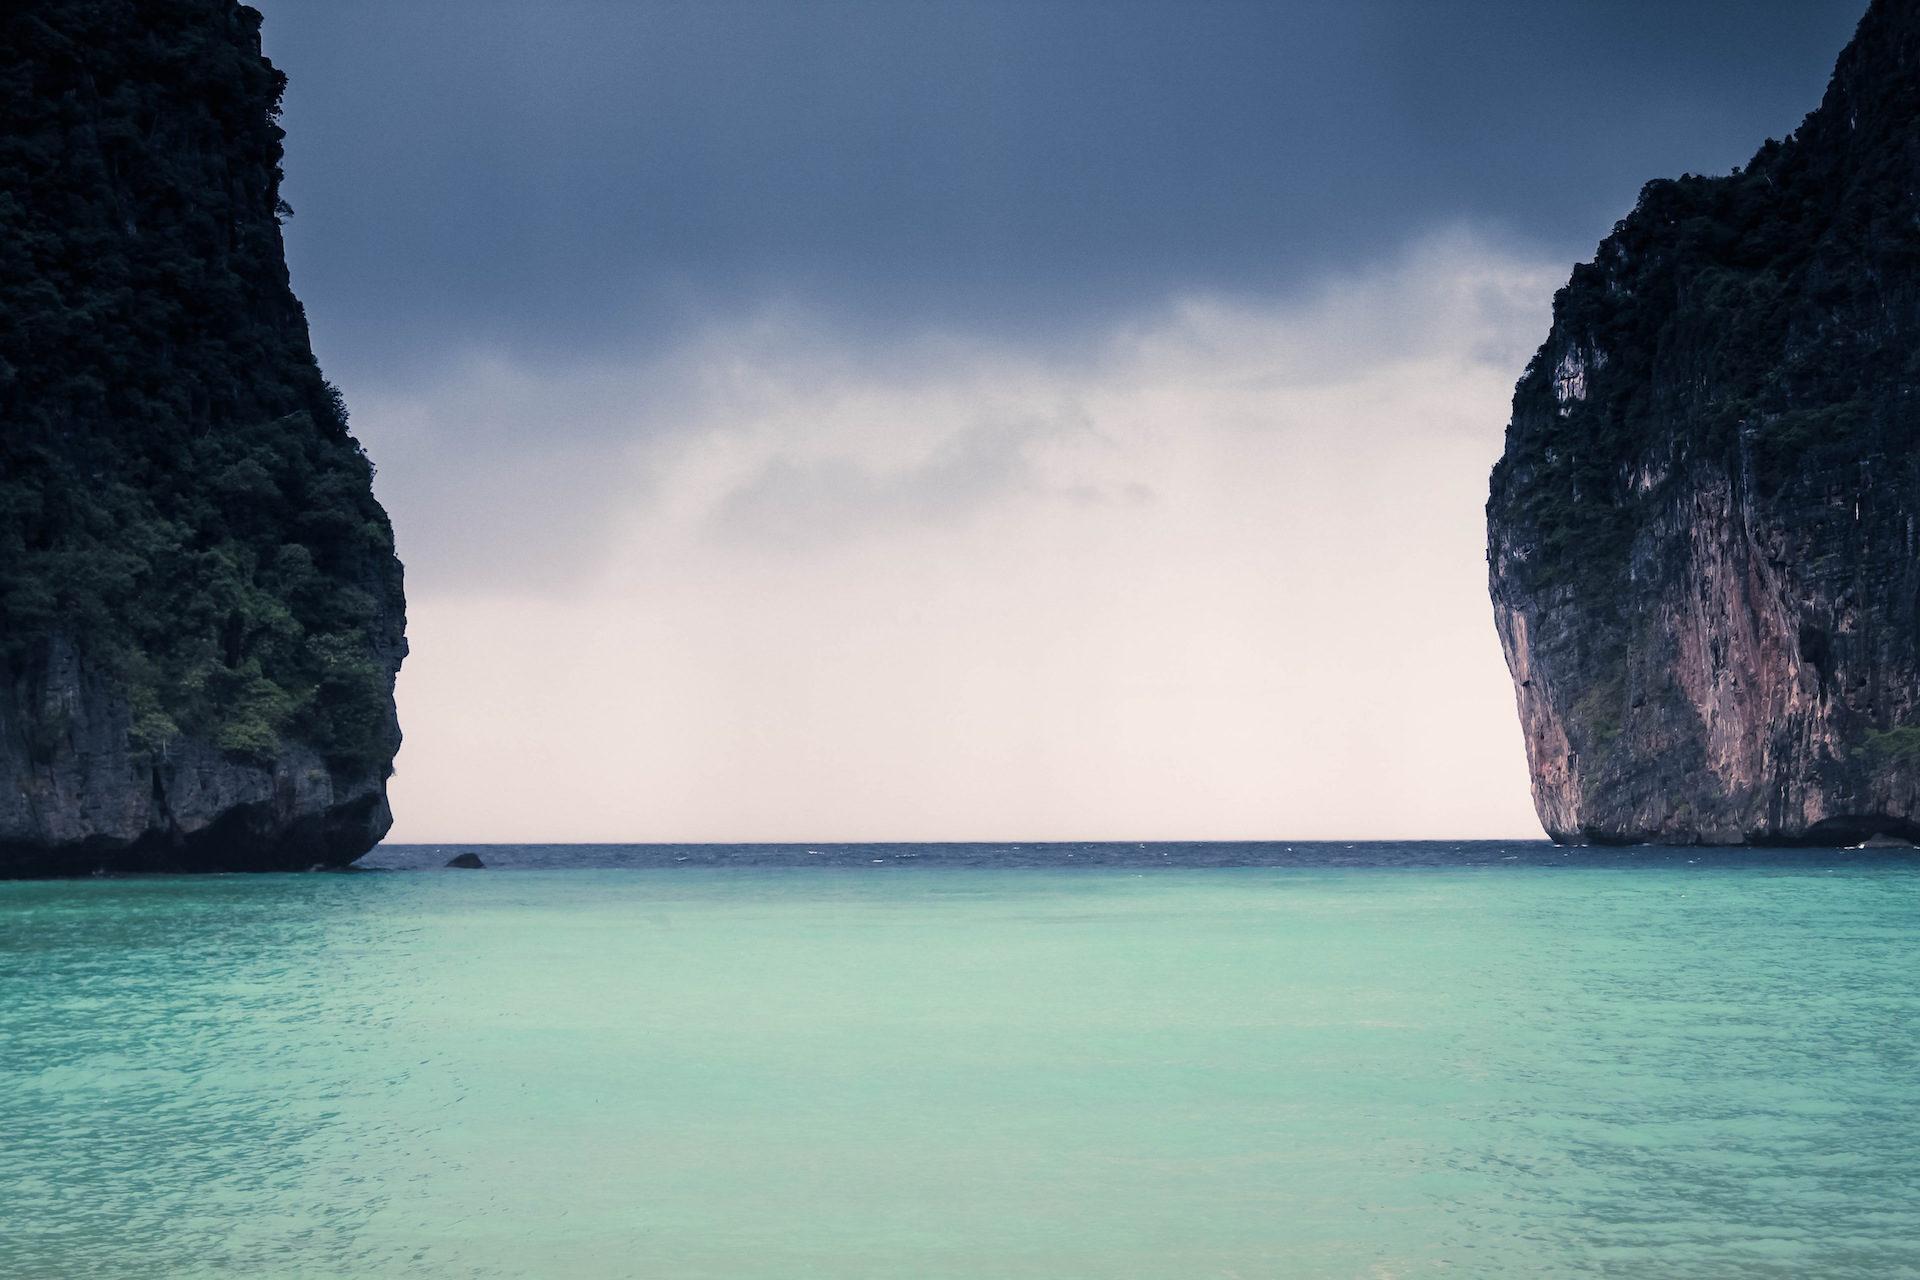 समुद्र तट, Montañas, सागर, आयाम, दूरी - HD वॉलपेपर - प्रोफेसर-falken.com